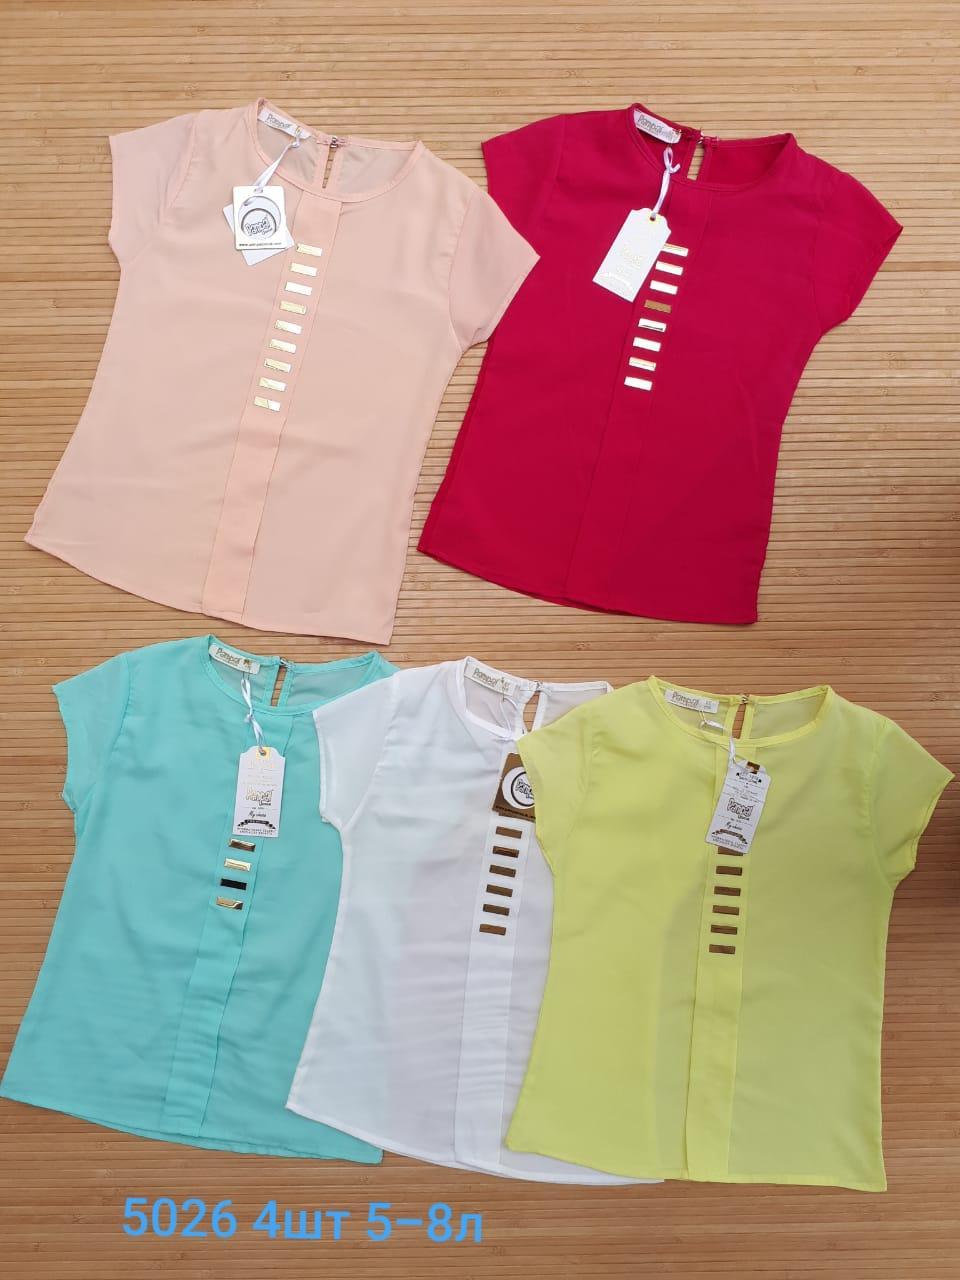 Детская футболка  на девочку , однотонная   5-8